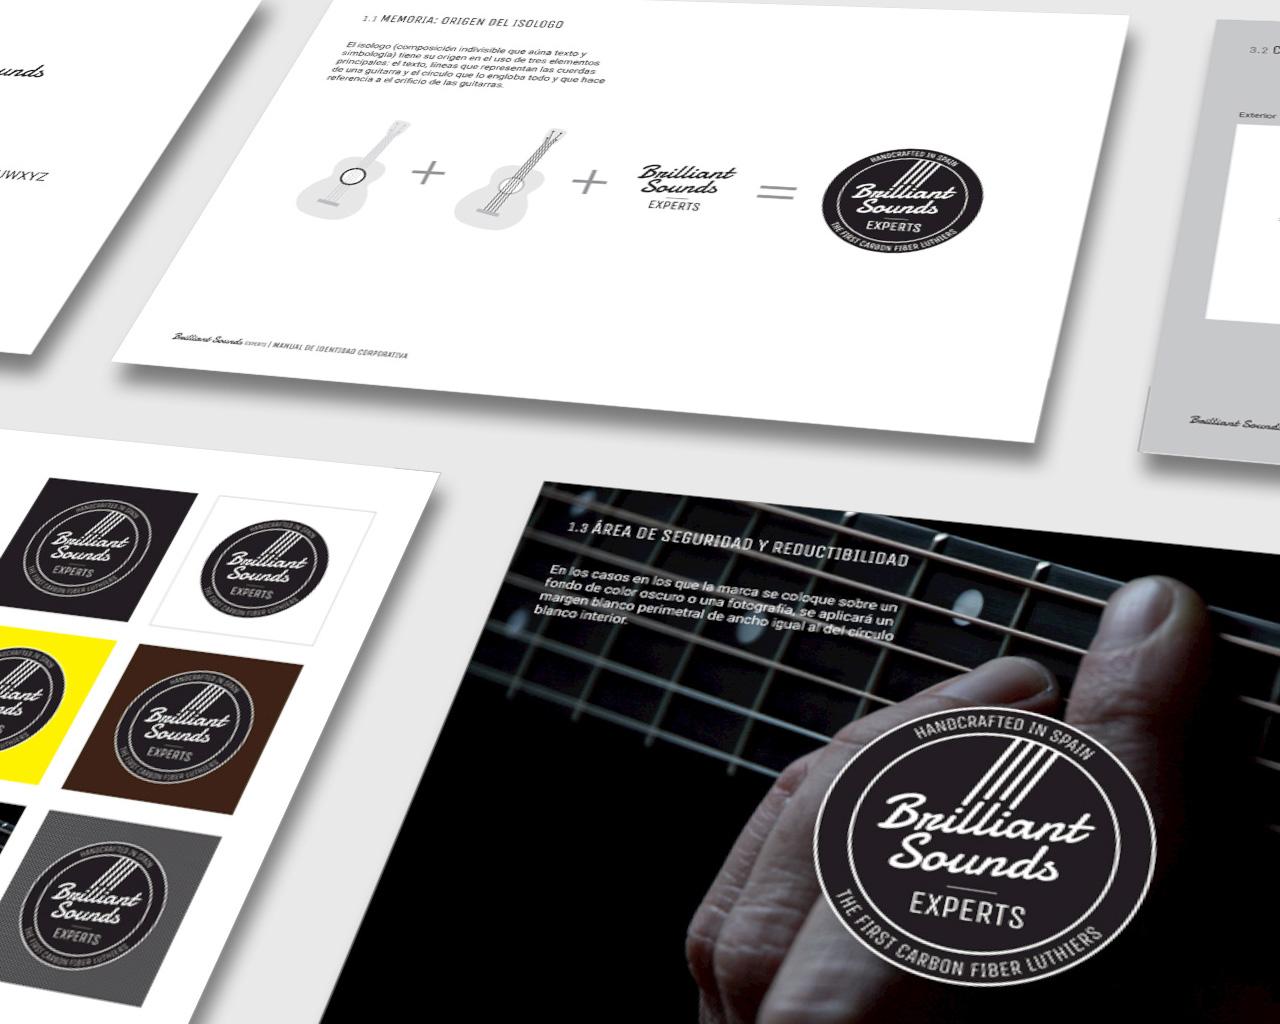 Manual de identidad corporativa de Brilliant Sounds Experts